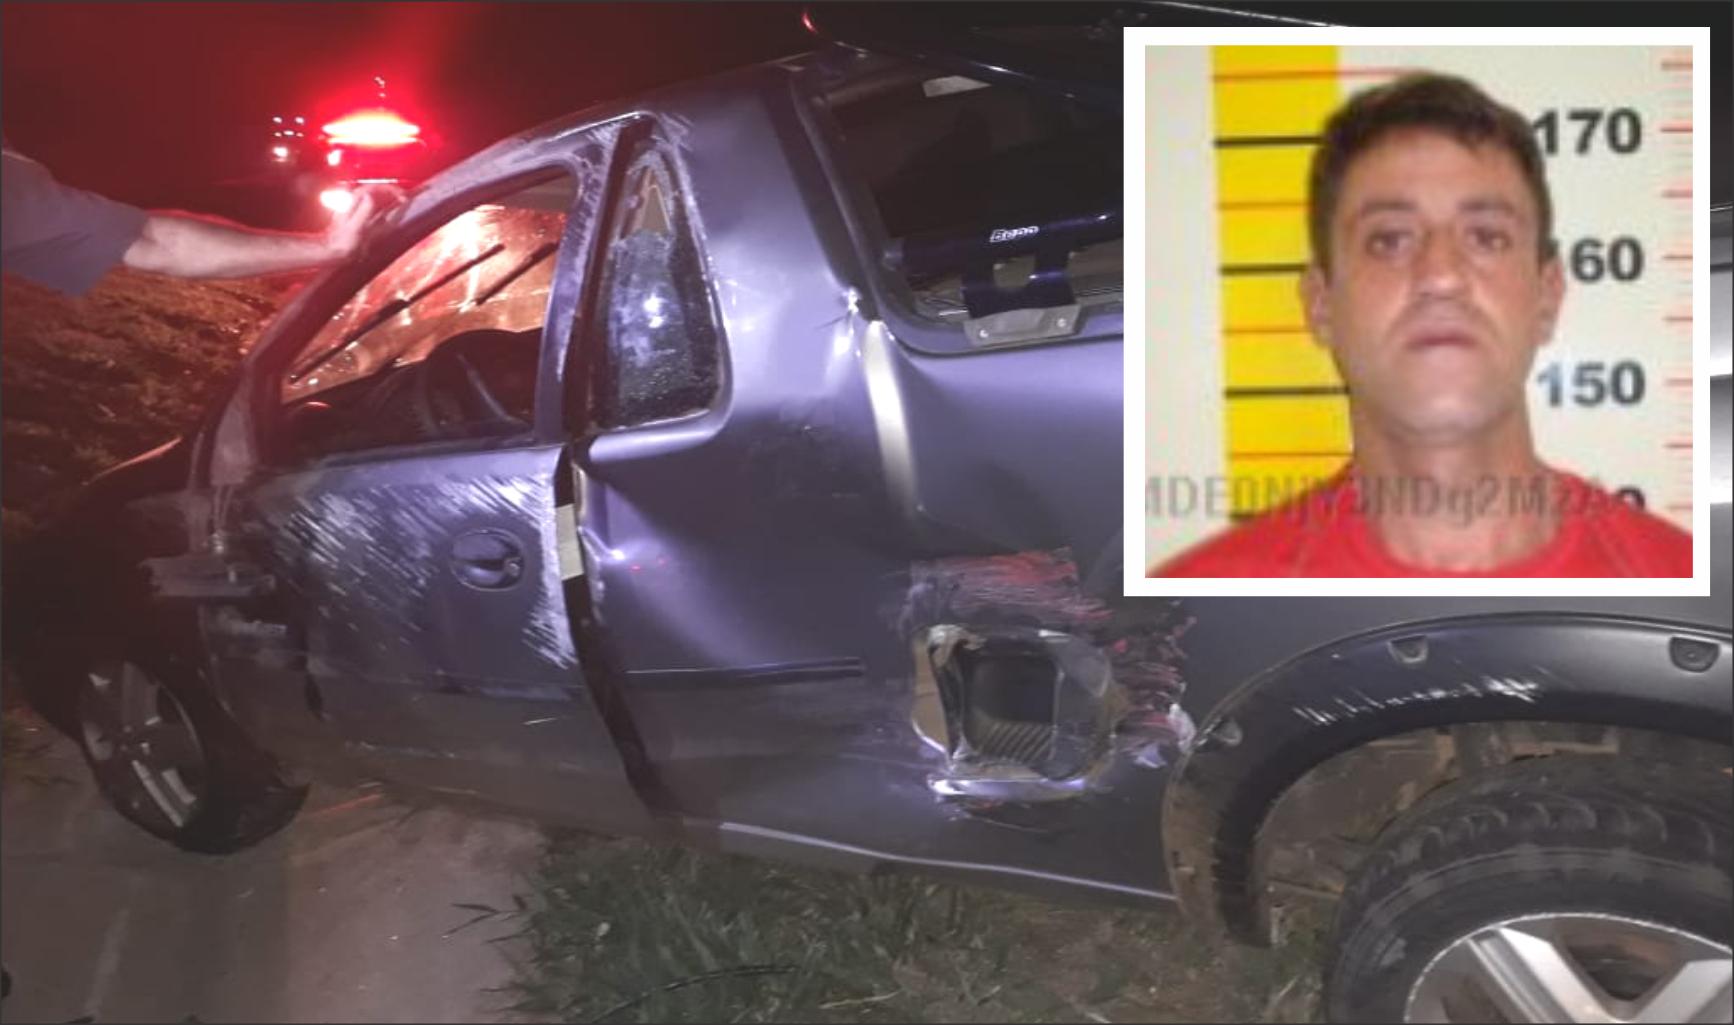 O homem teria tentado fugir, mas durante a fuga capotou o veículo, uma Montana